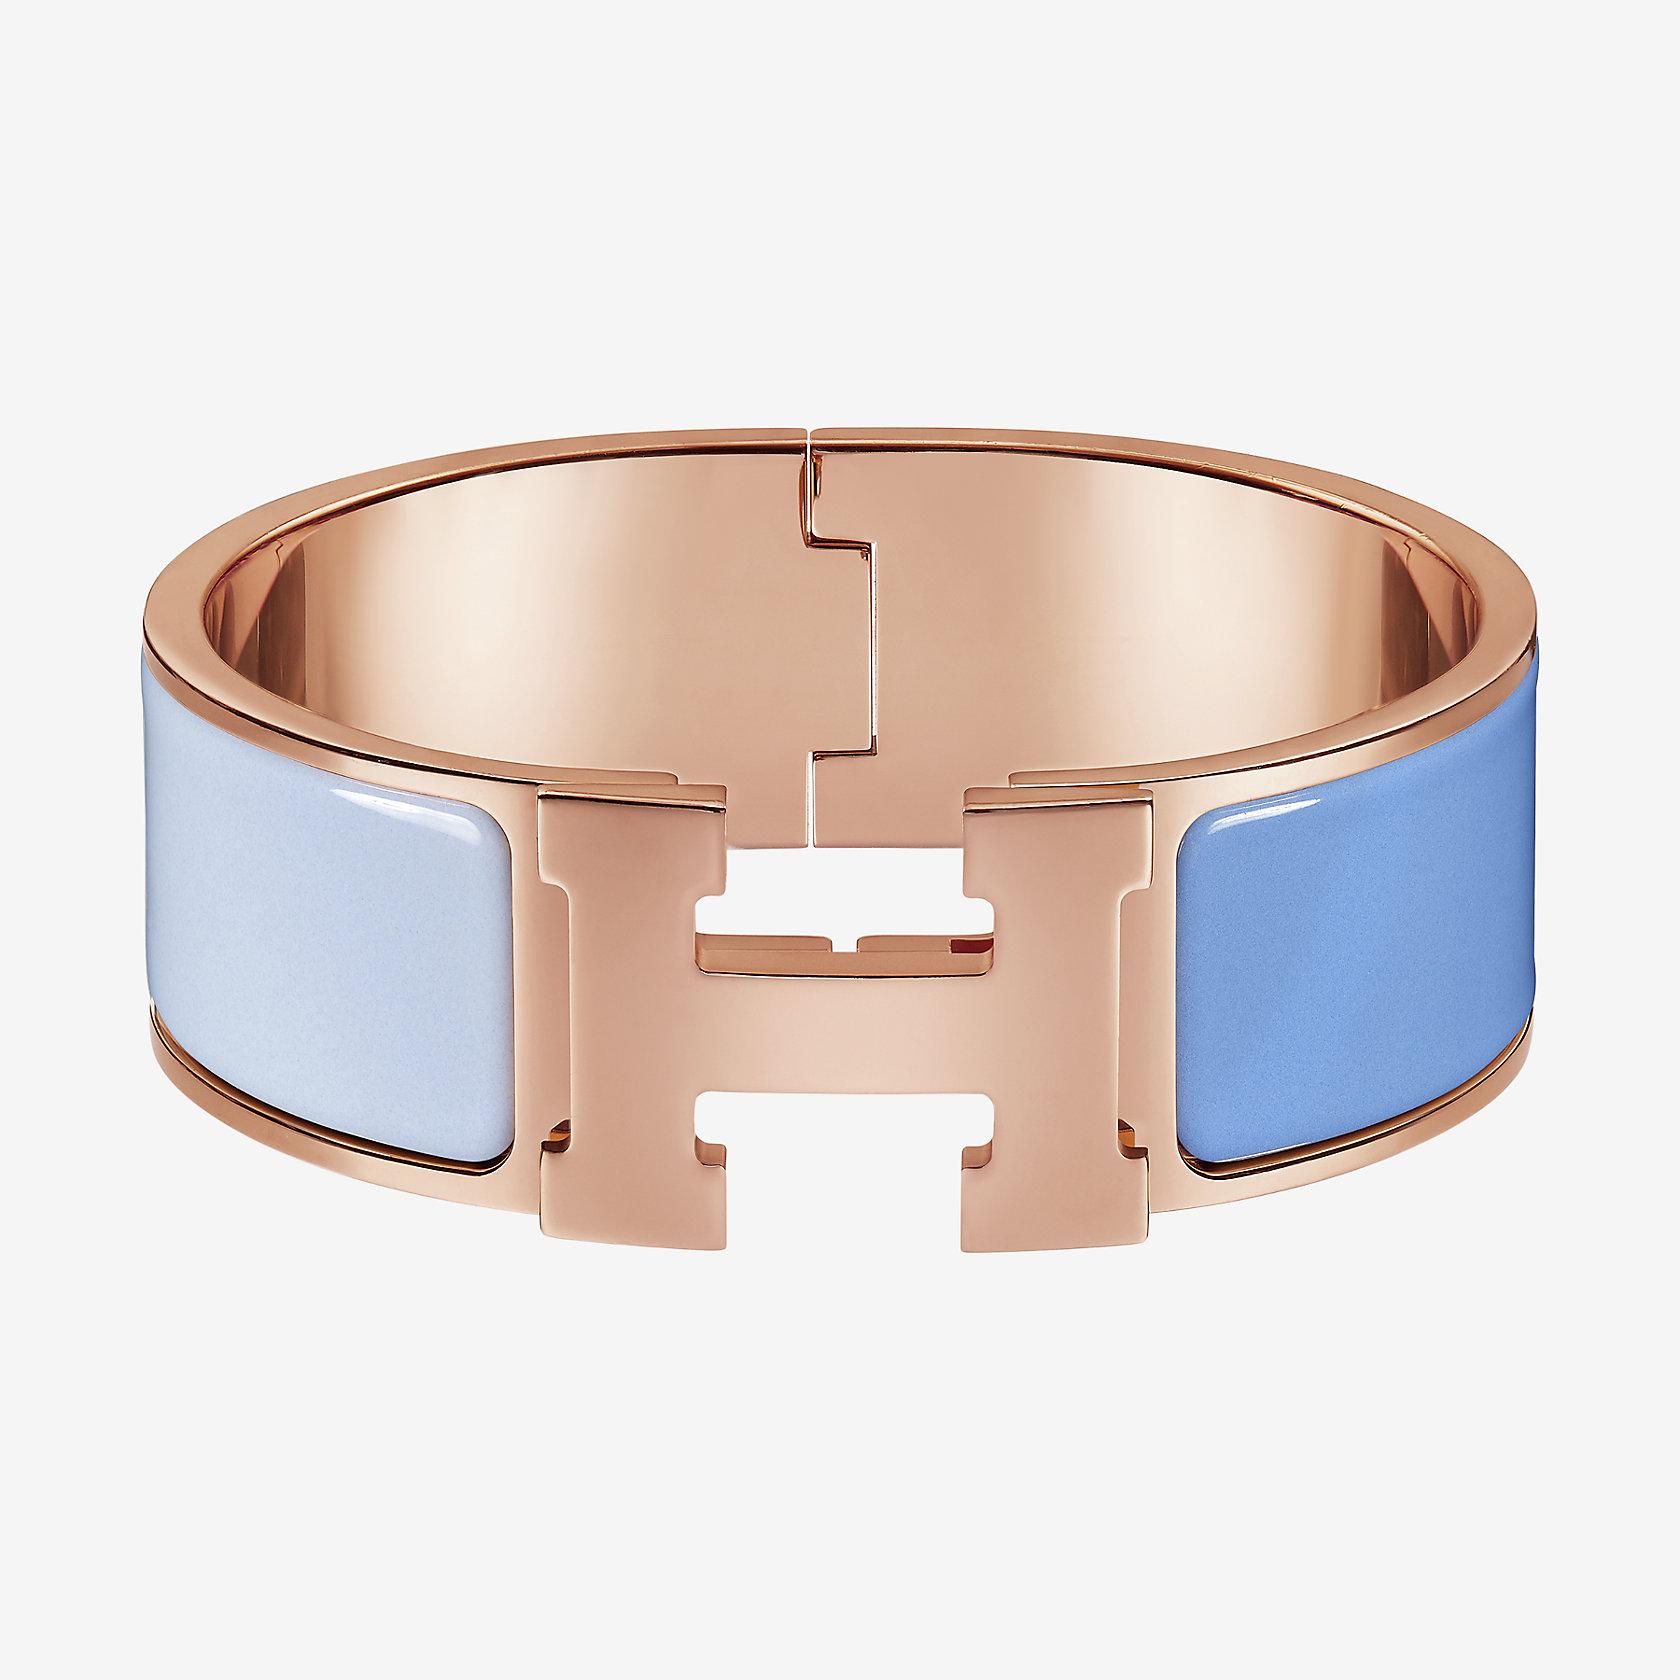 cfa619f2694 Clic Clac H color bracelet | Hermès UK